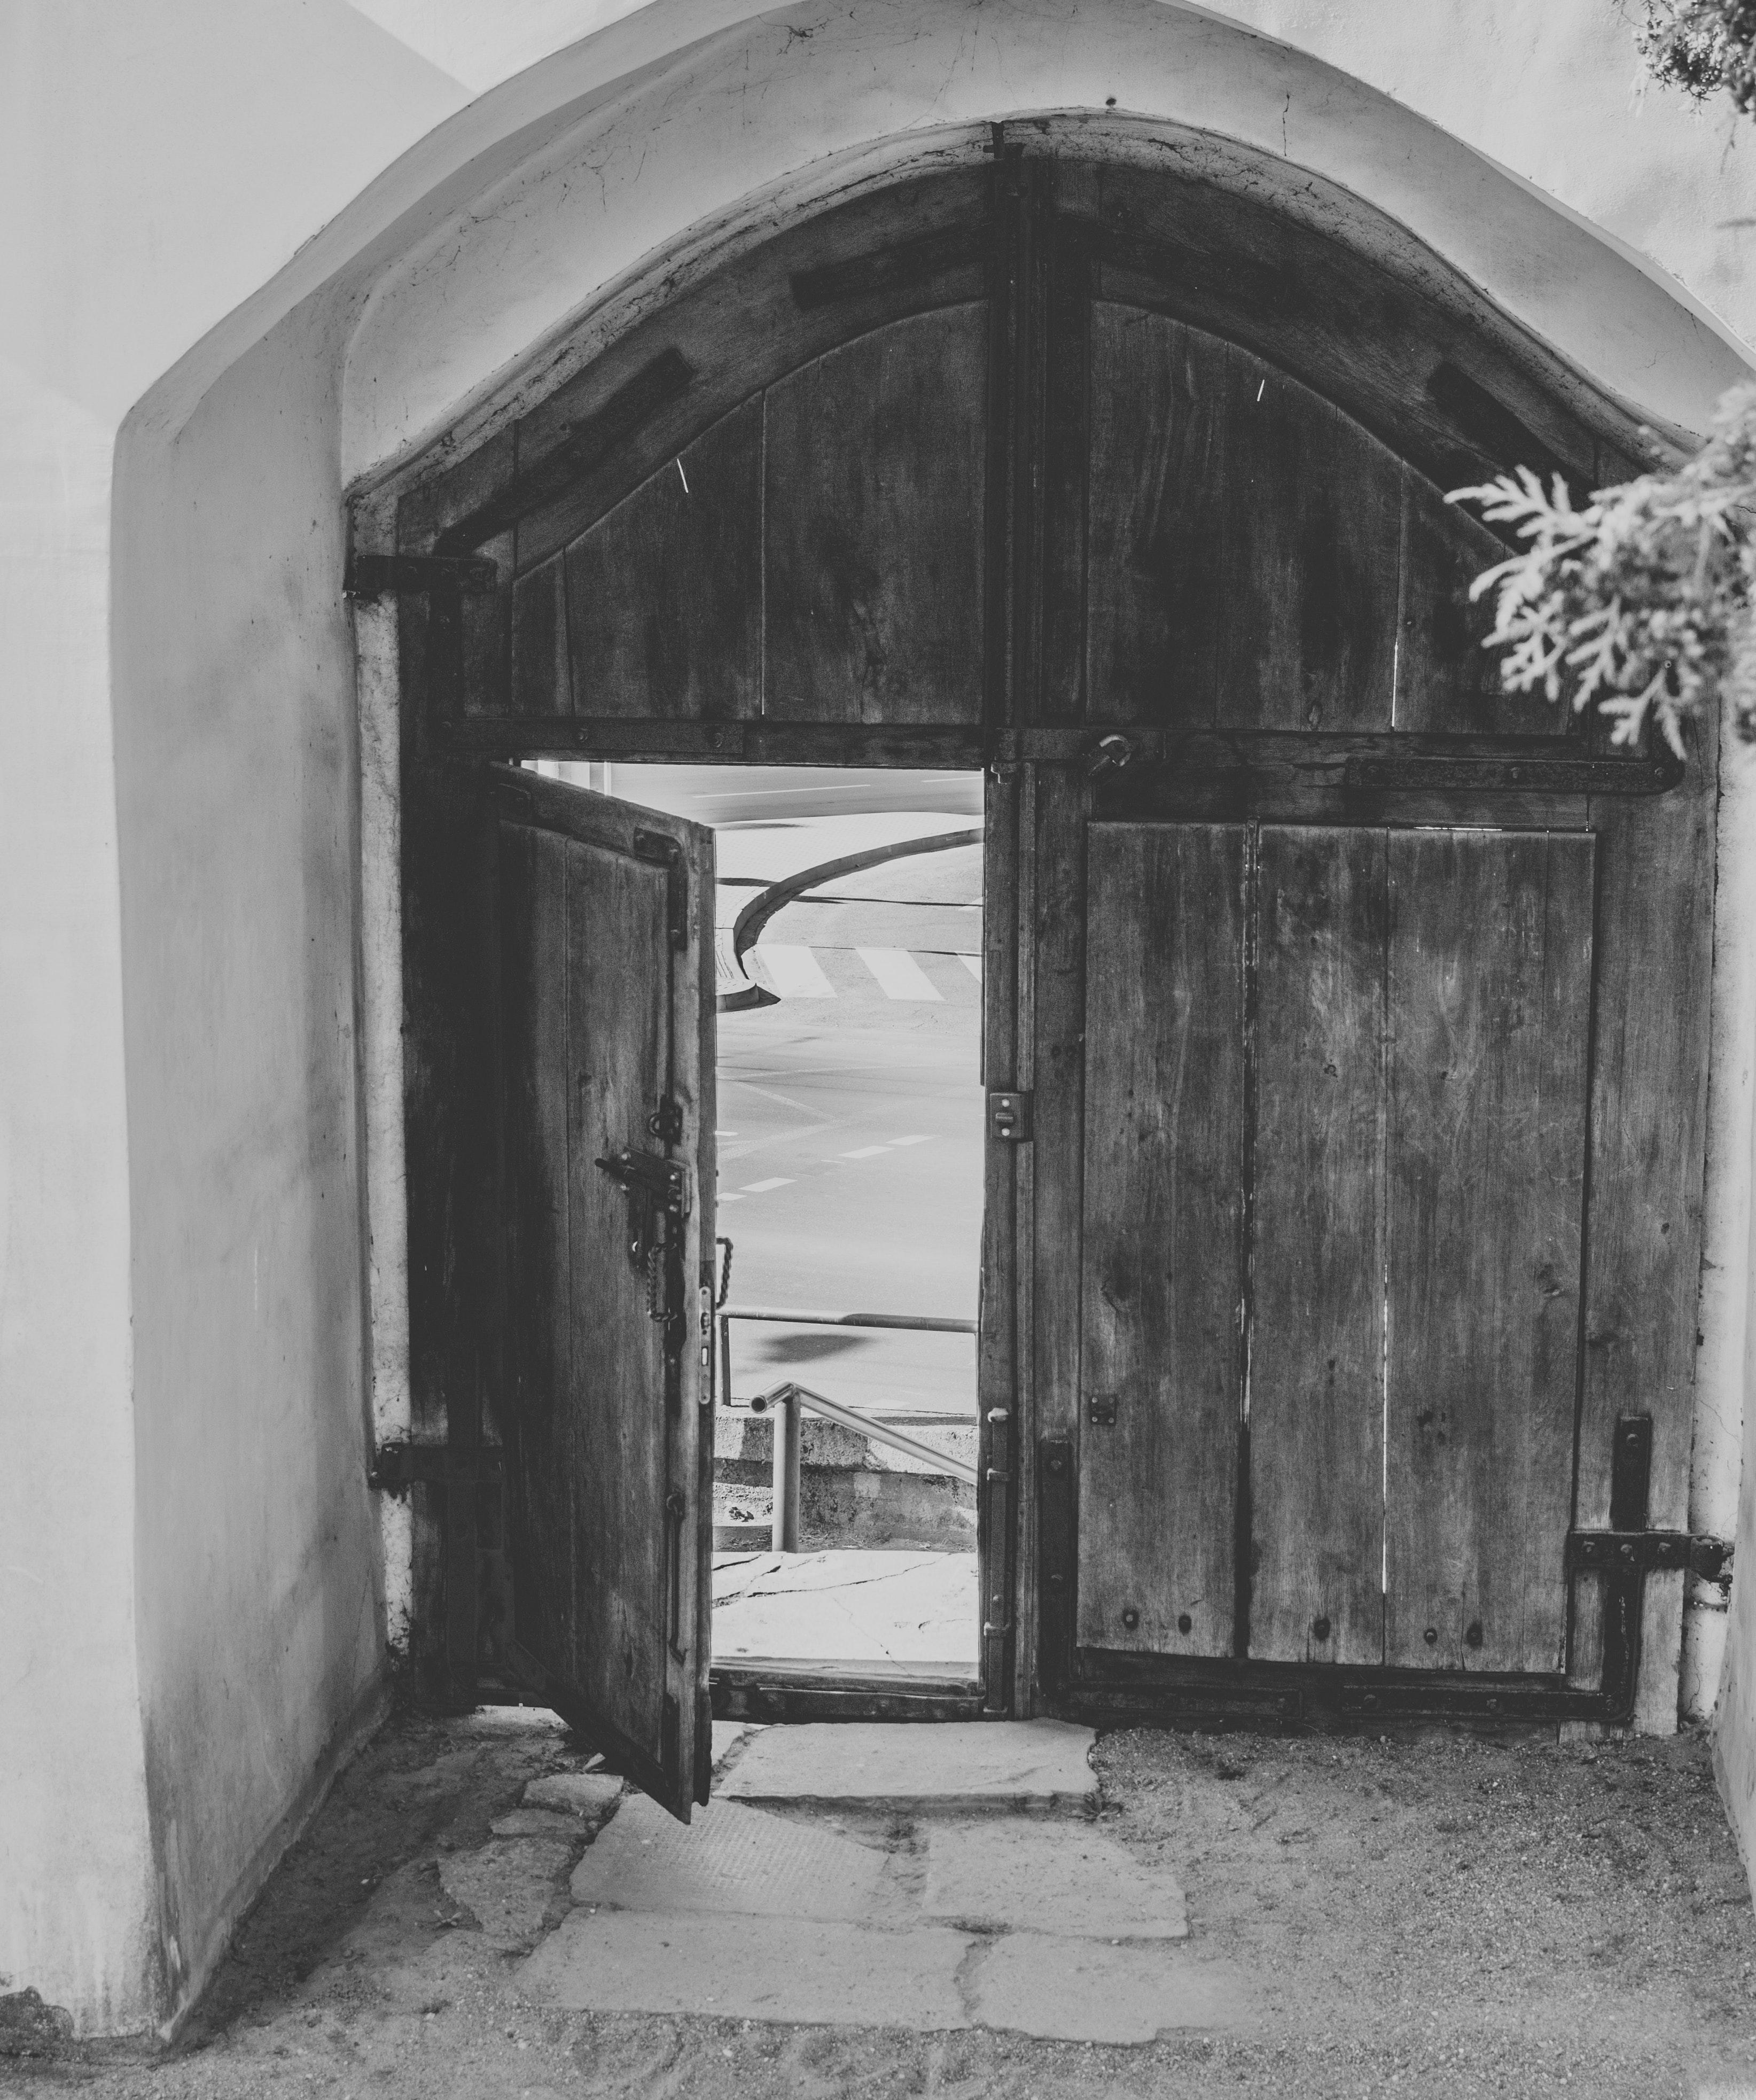 Open Brown Wooden Door · Free Stock Photo